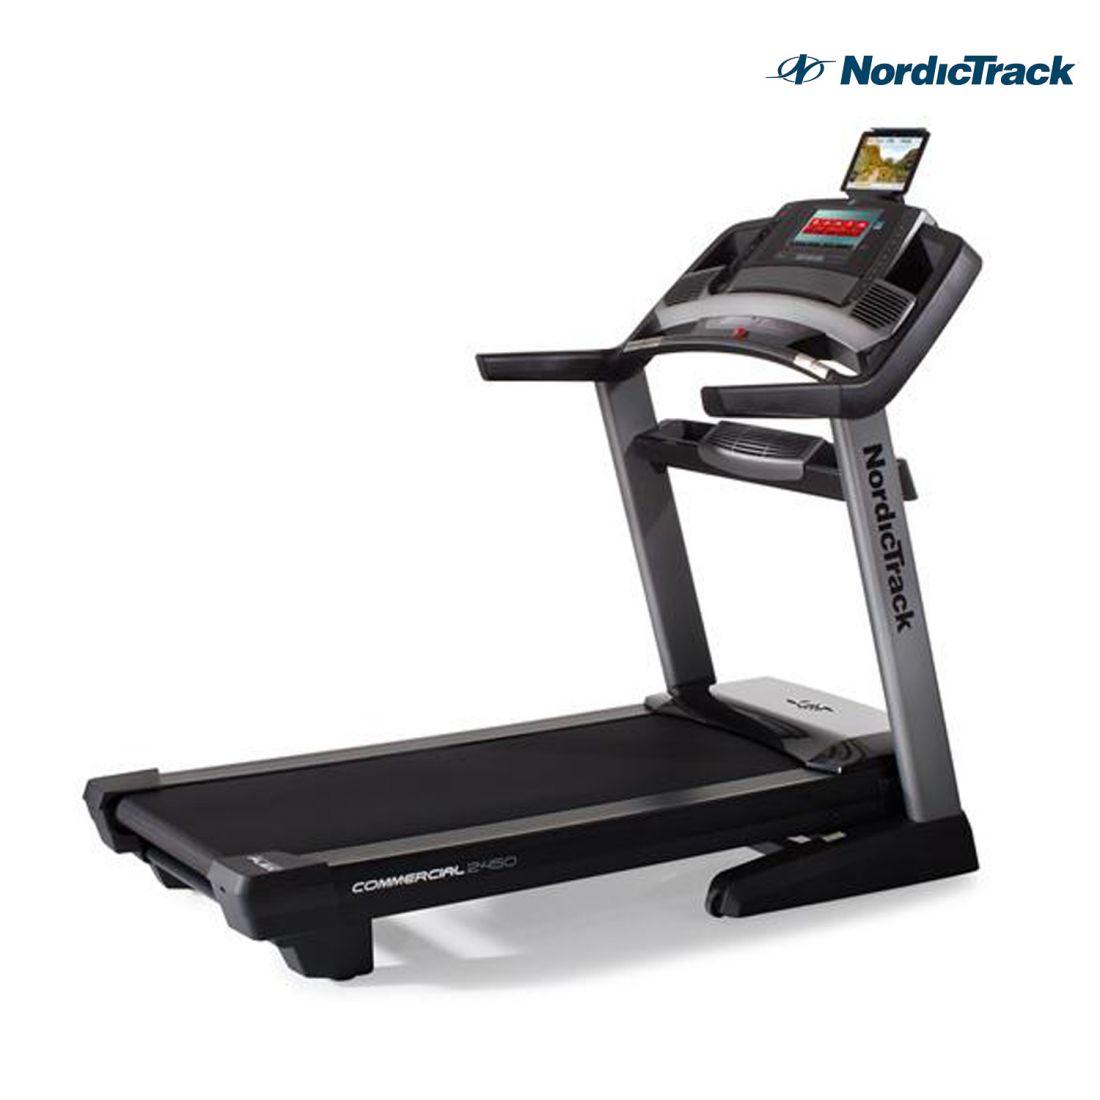 Электрическая беговая дорожка - NordicTrack Commercial 2450